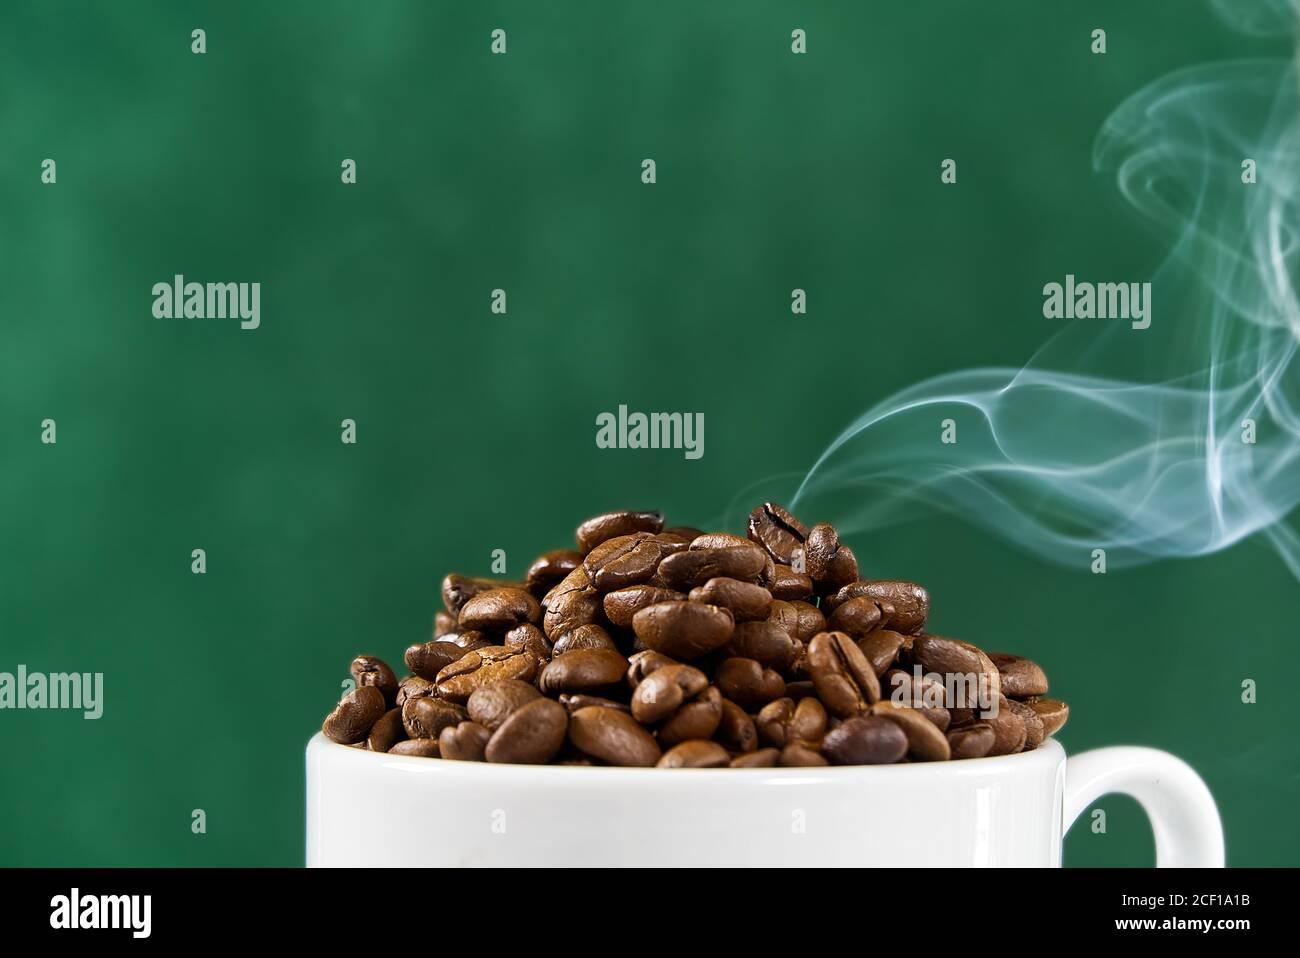 Concept de la journée internationale du café. Tasse de café blanc en gros plan pleine de grains de café sur fond vert avec fumée sur le dessus. Banque D'Images